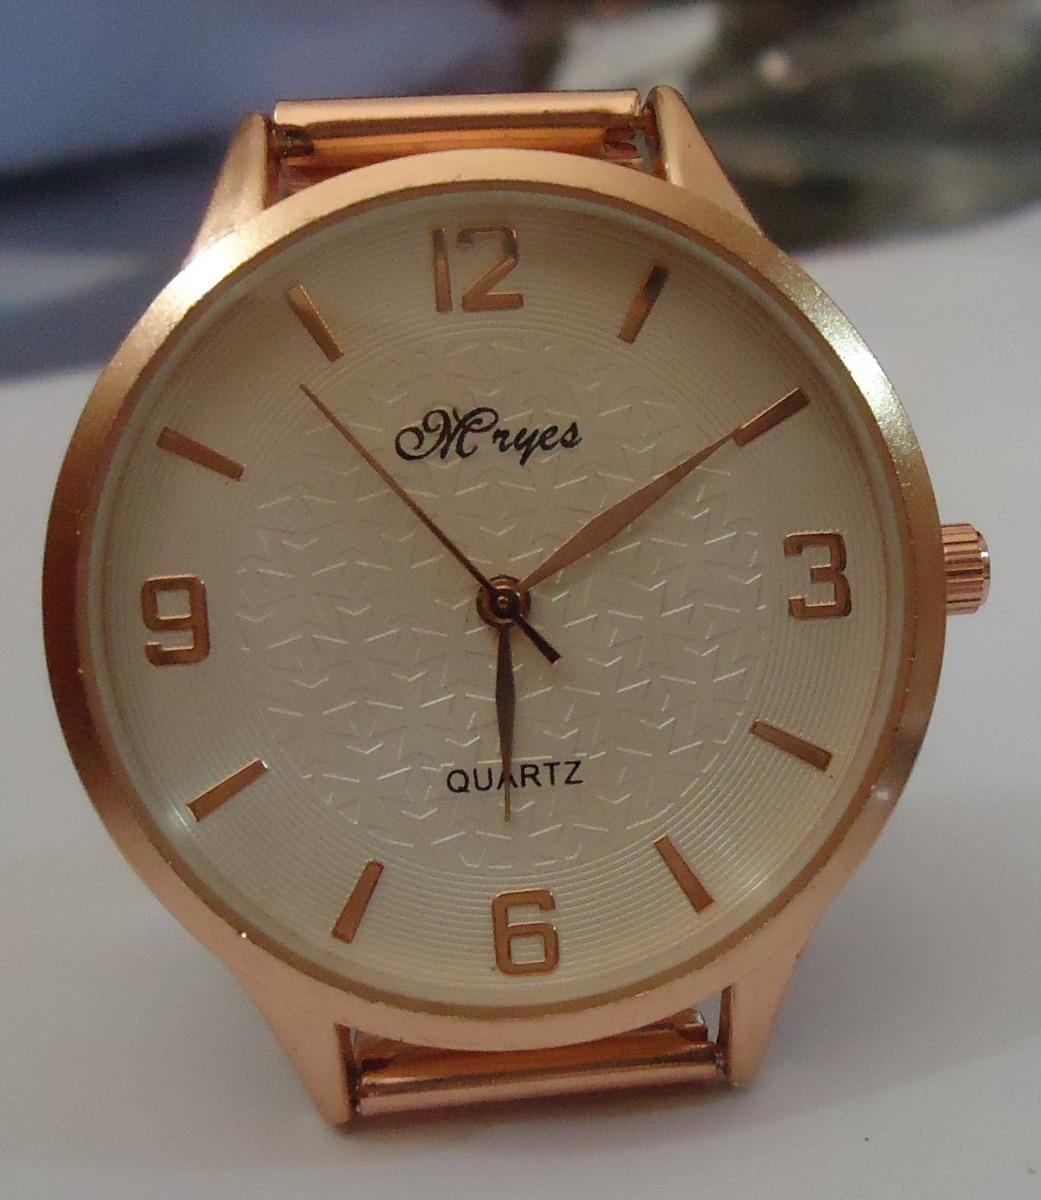 ec21be4170a relógio mryes mostrador branco pulseira série ouro rosê. Carregando zoom.